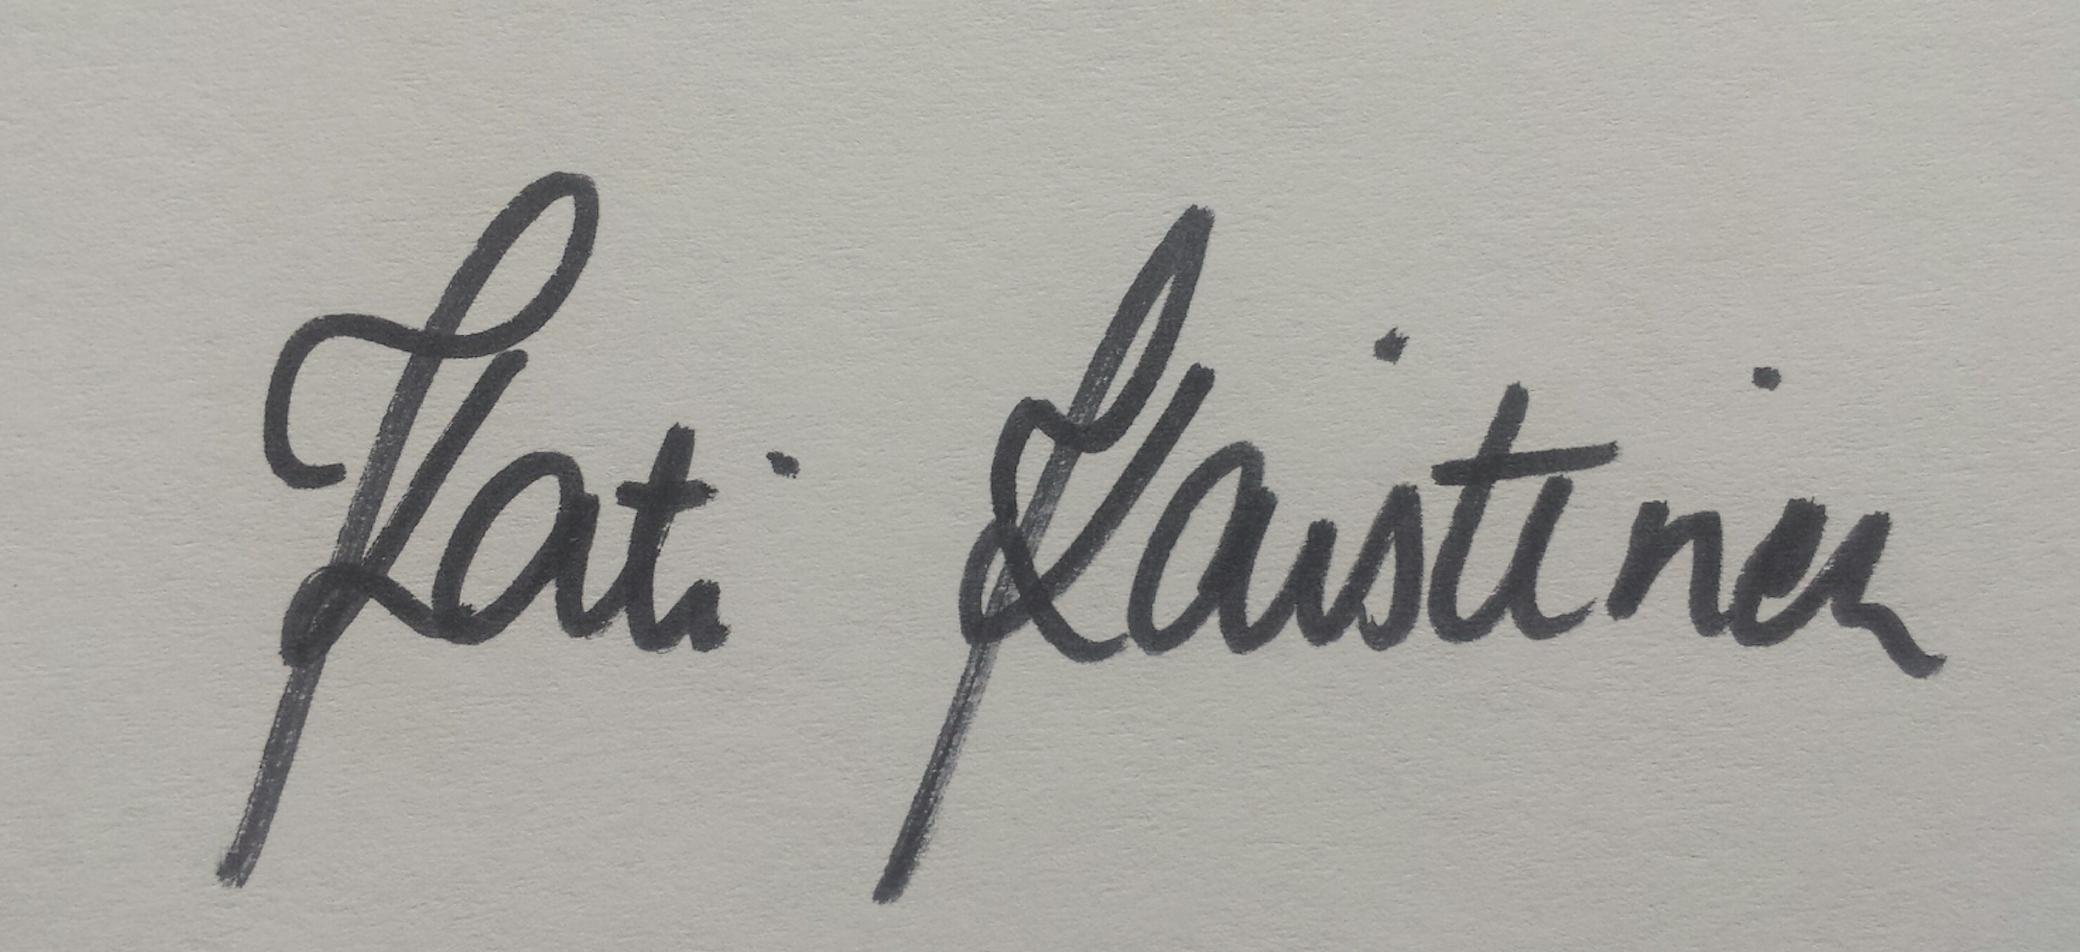 Kati Kaistinen's Signature